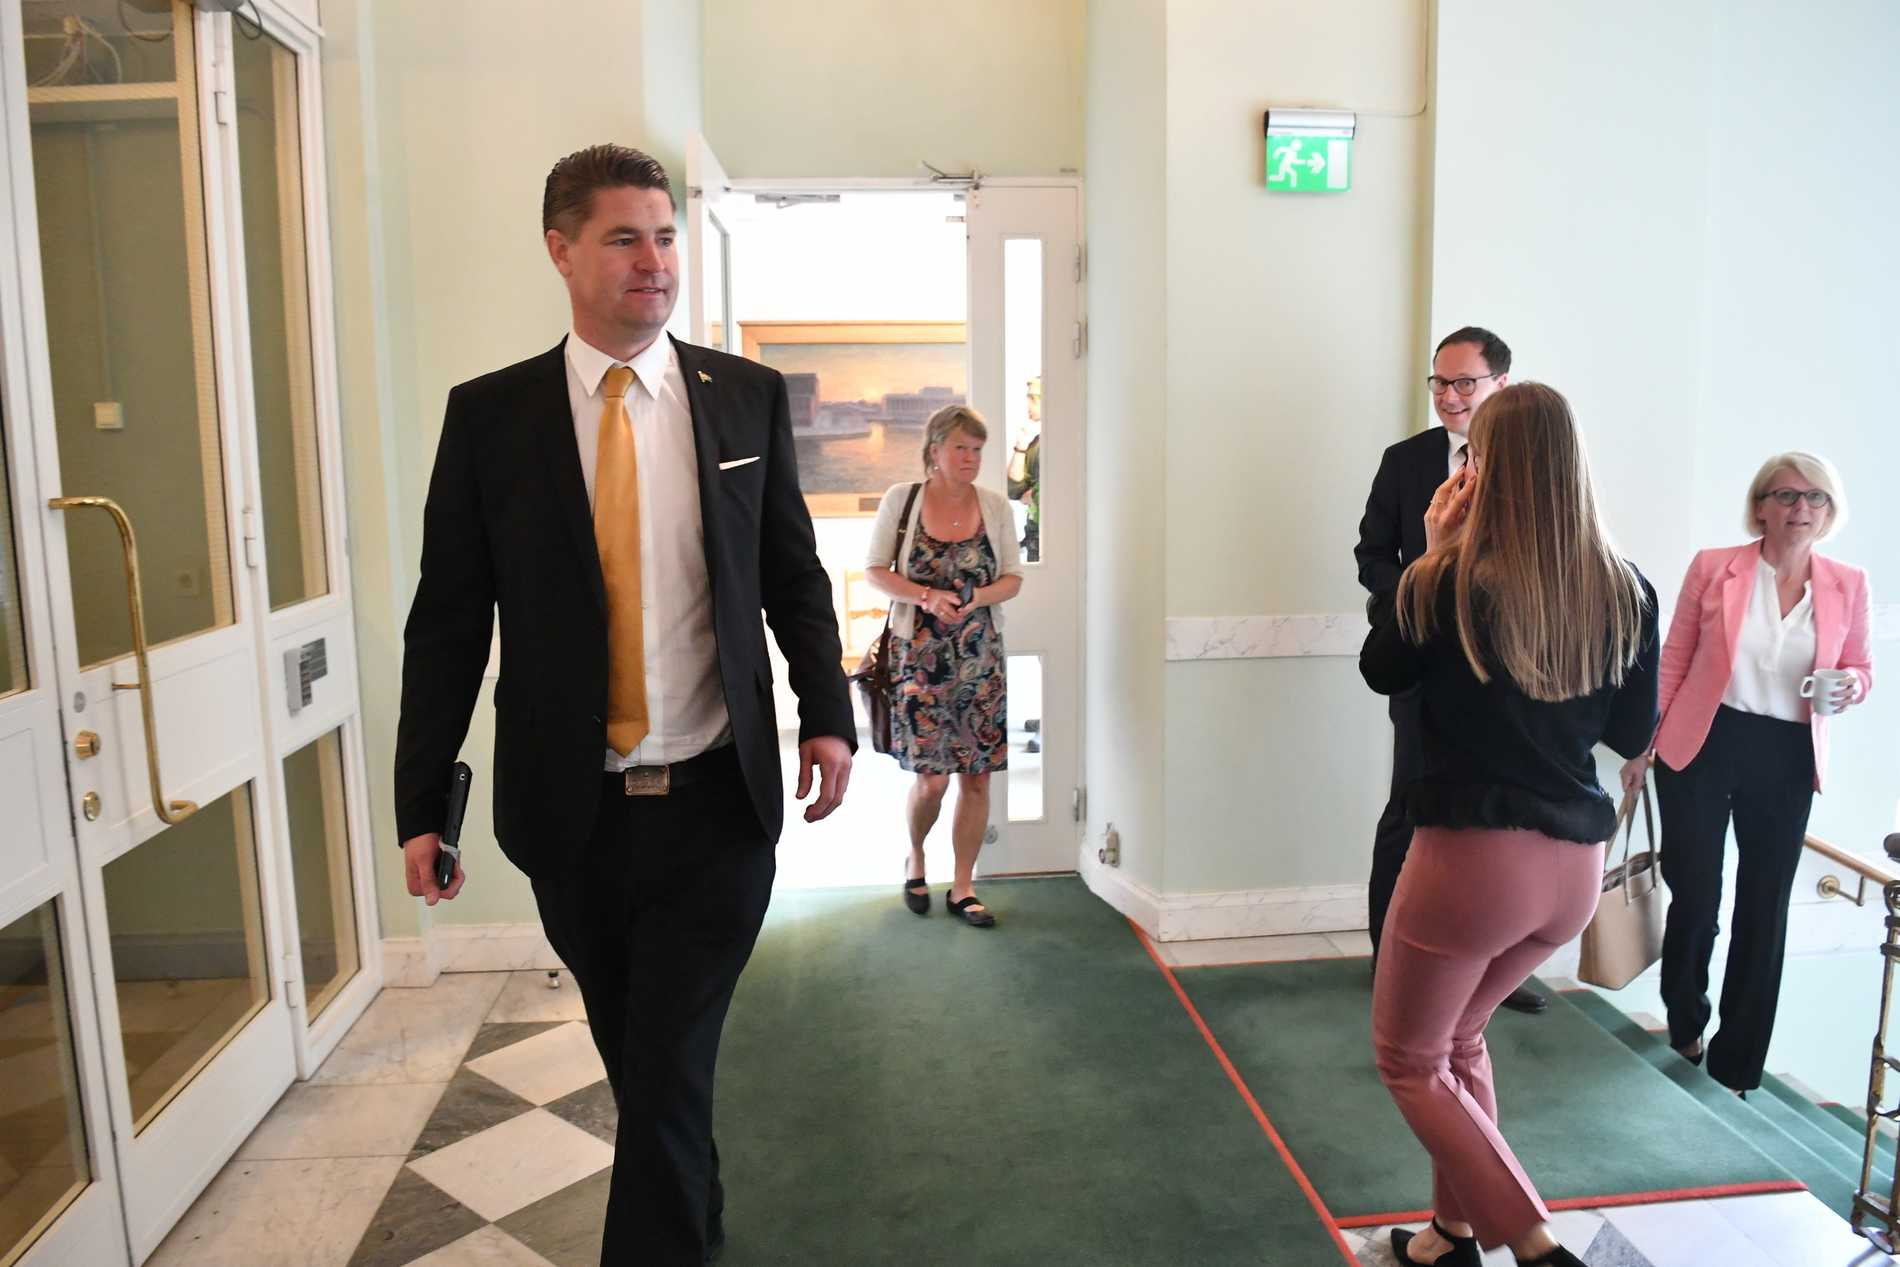 Oscar Sjöstedt anländer till Sverigedemokraternas presskonferens för att kommentera regeringens ekonomiska politik.